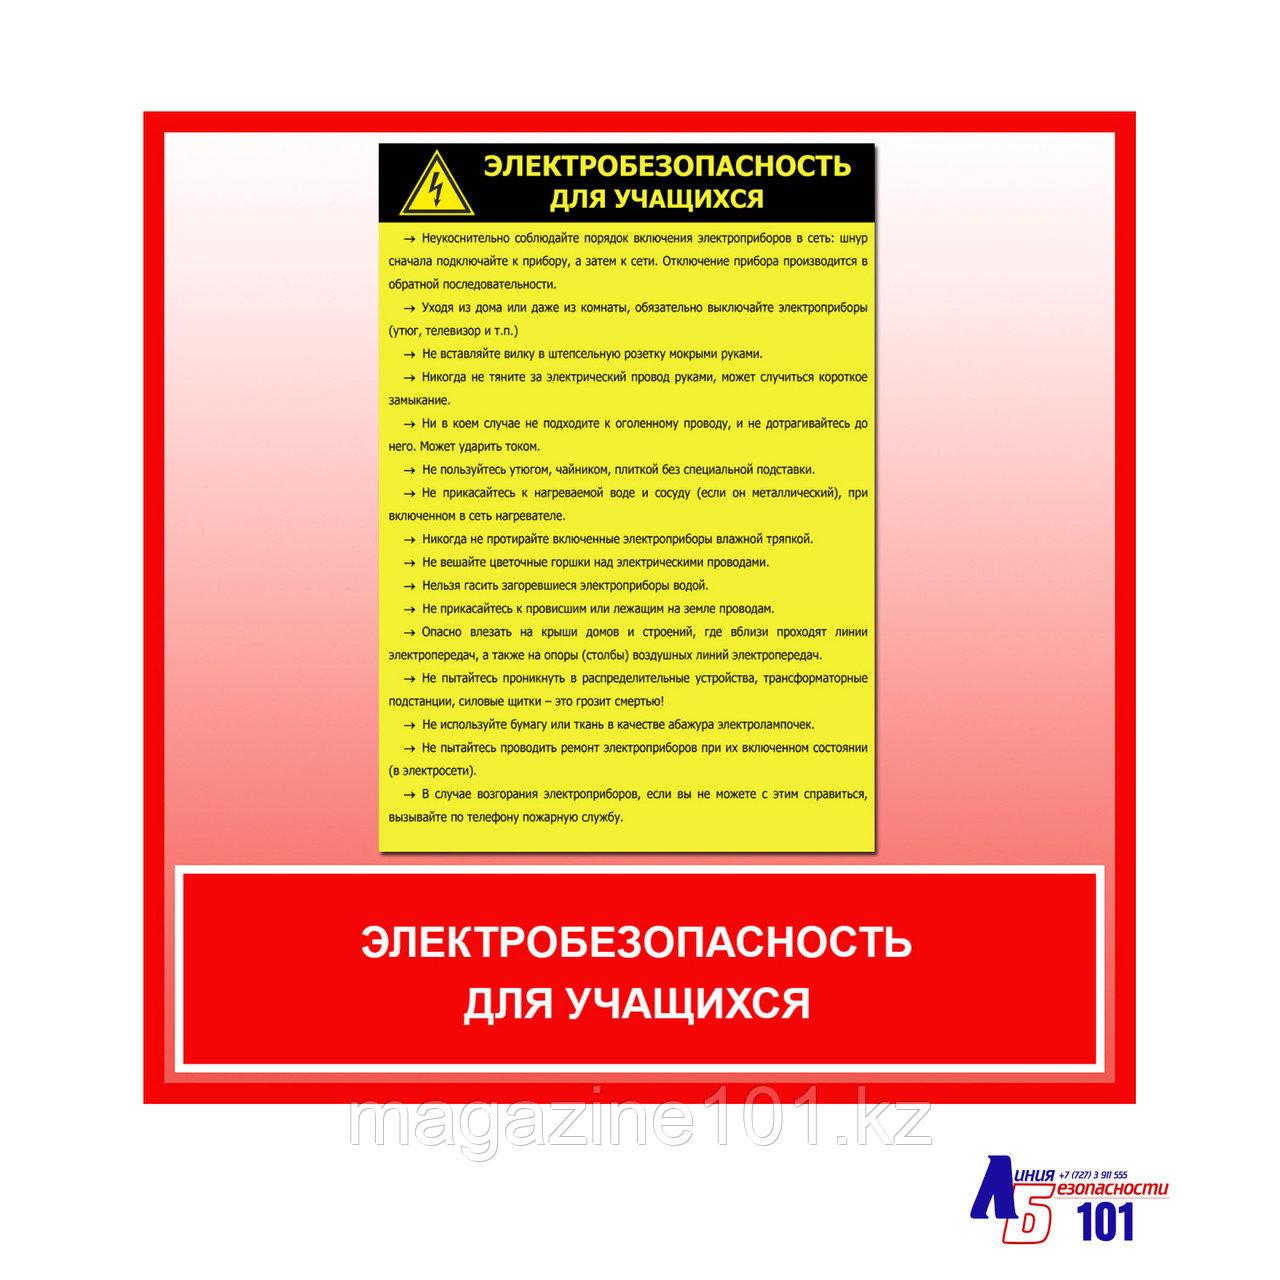 """Плакат """"Электробезопасность для учащихся"""""""